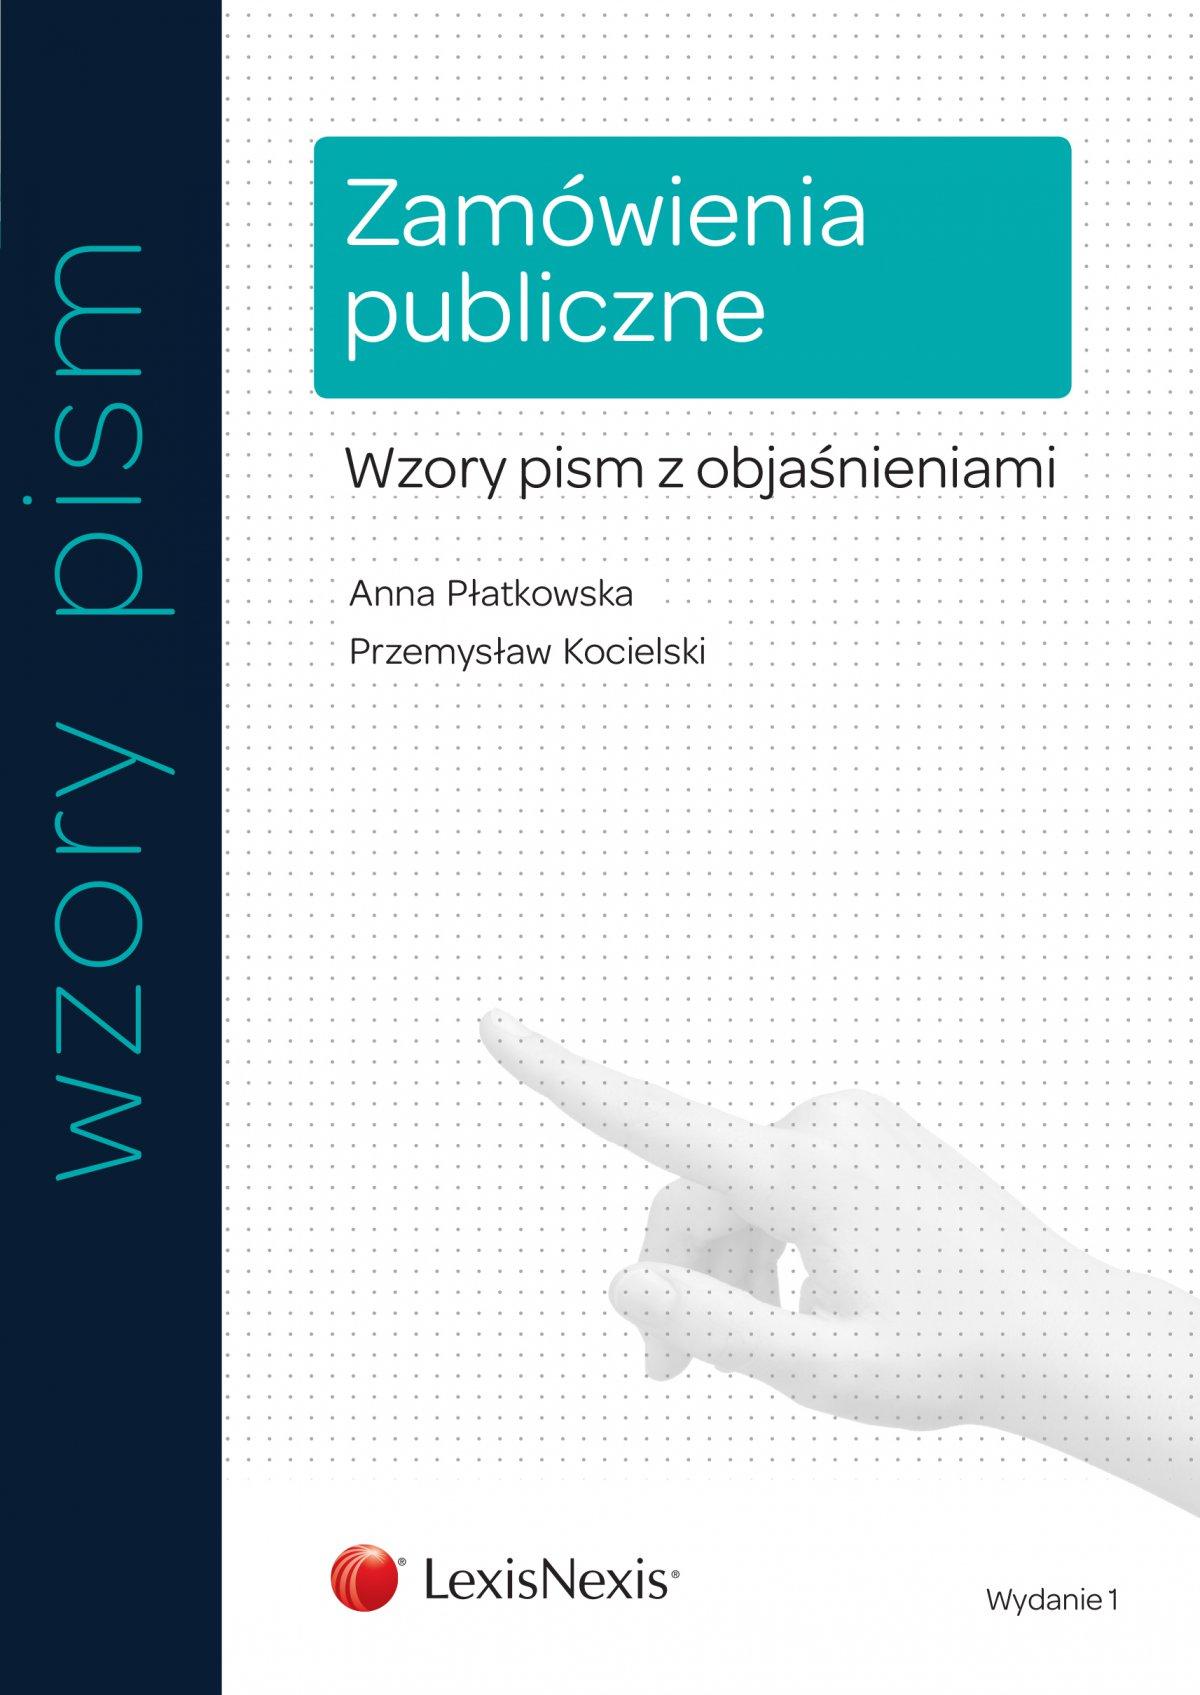 Zamówienia publiczne. Wzory pism z objaśnieniami. Wydanie 1 - Ebook (Książka EPUB) do pobrania w formacie EPUB